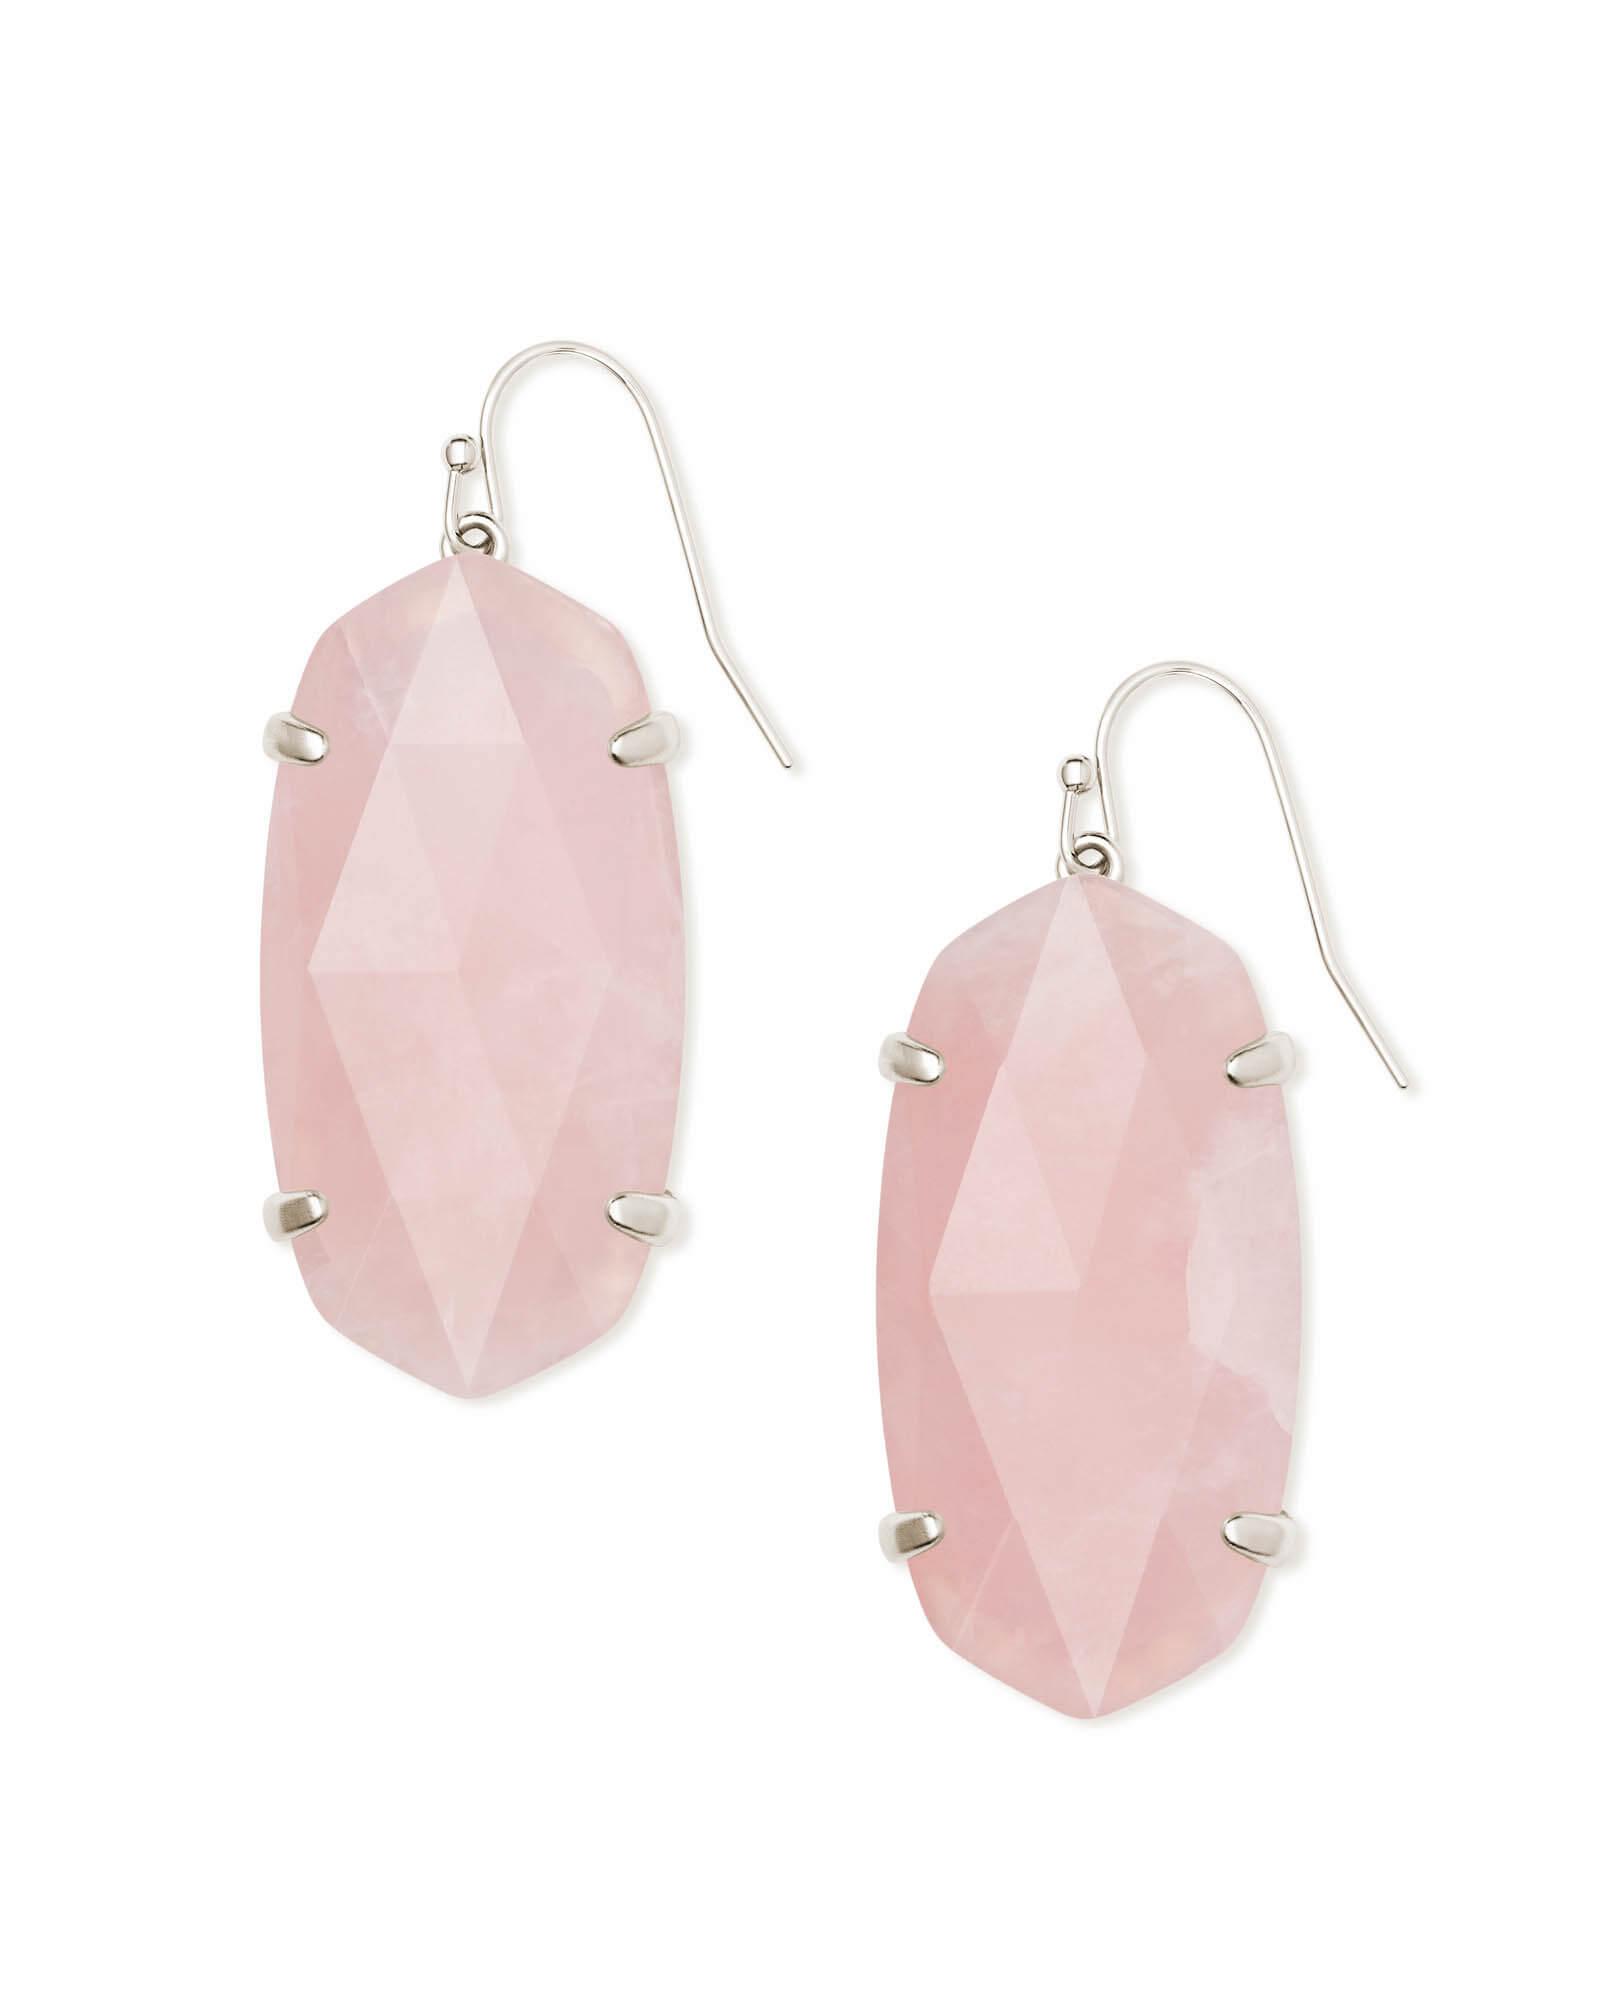 b8dd4bb95 Esme Silver Drop Earrings In Rose Quartz   Kendra Scott